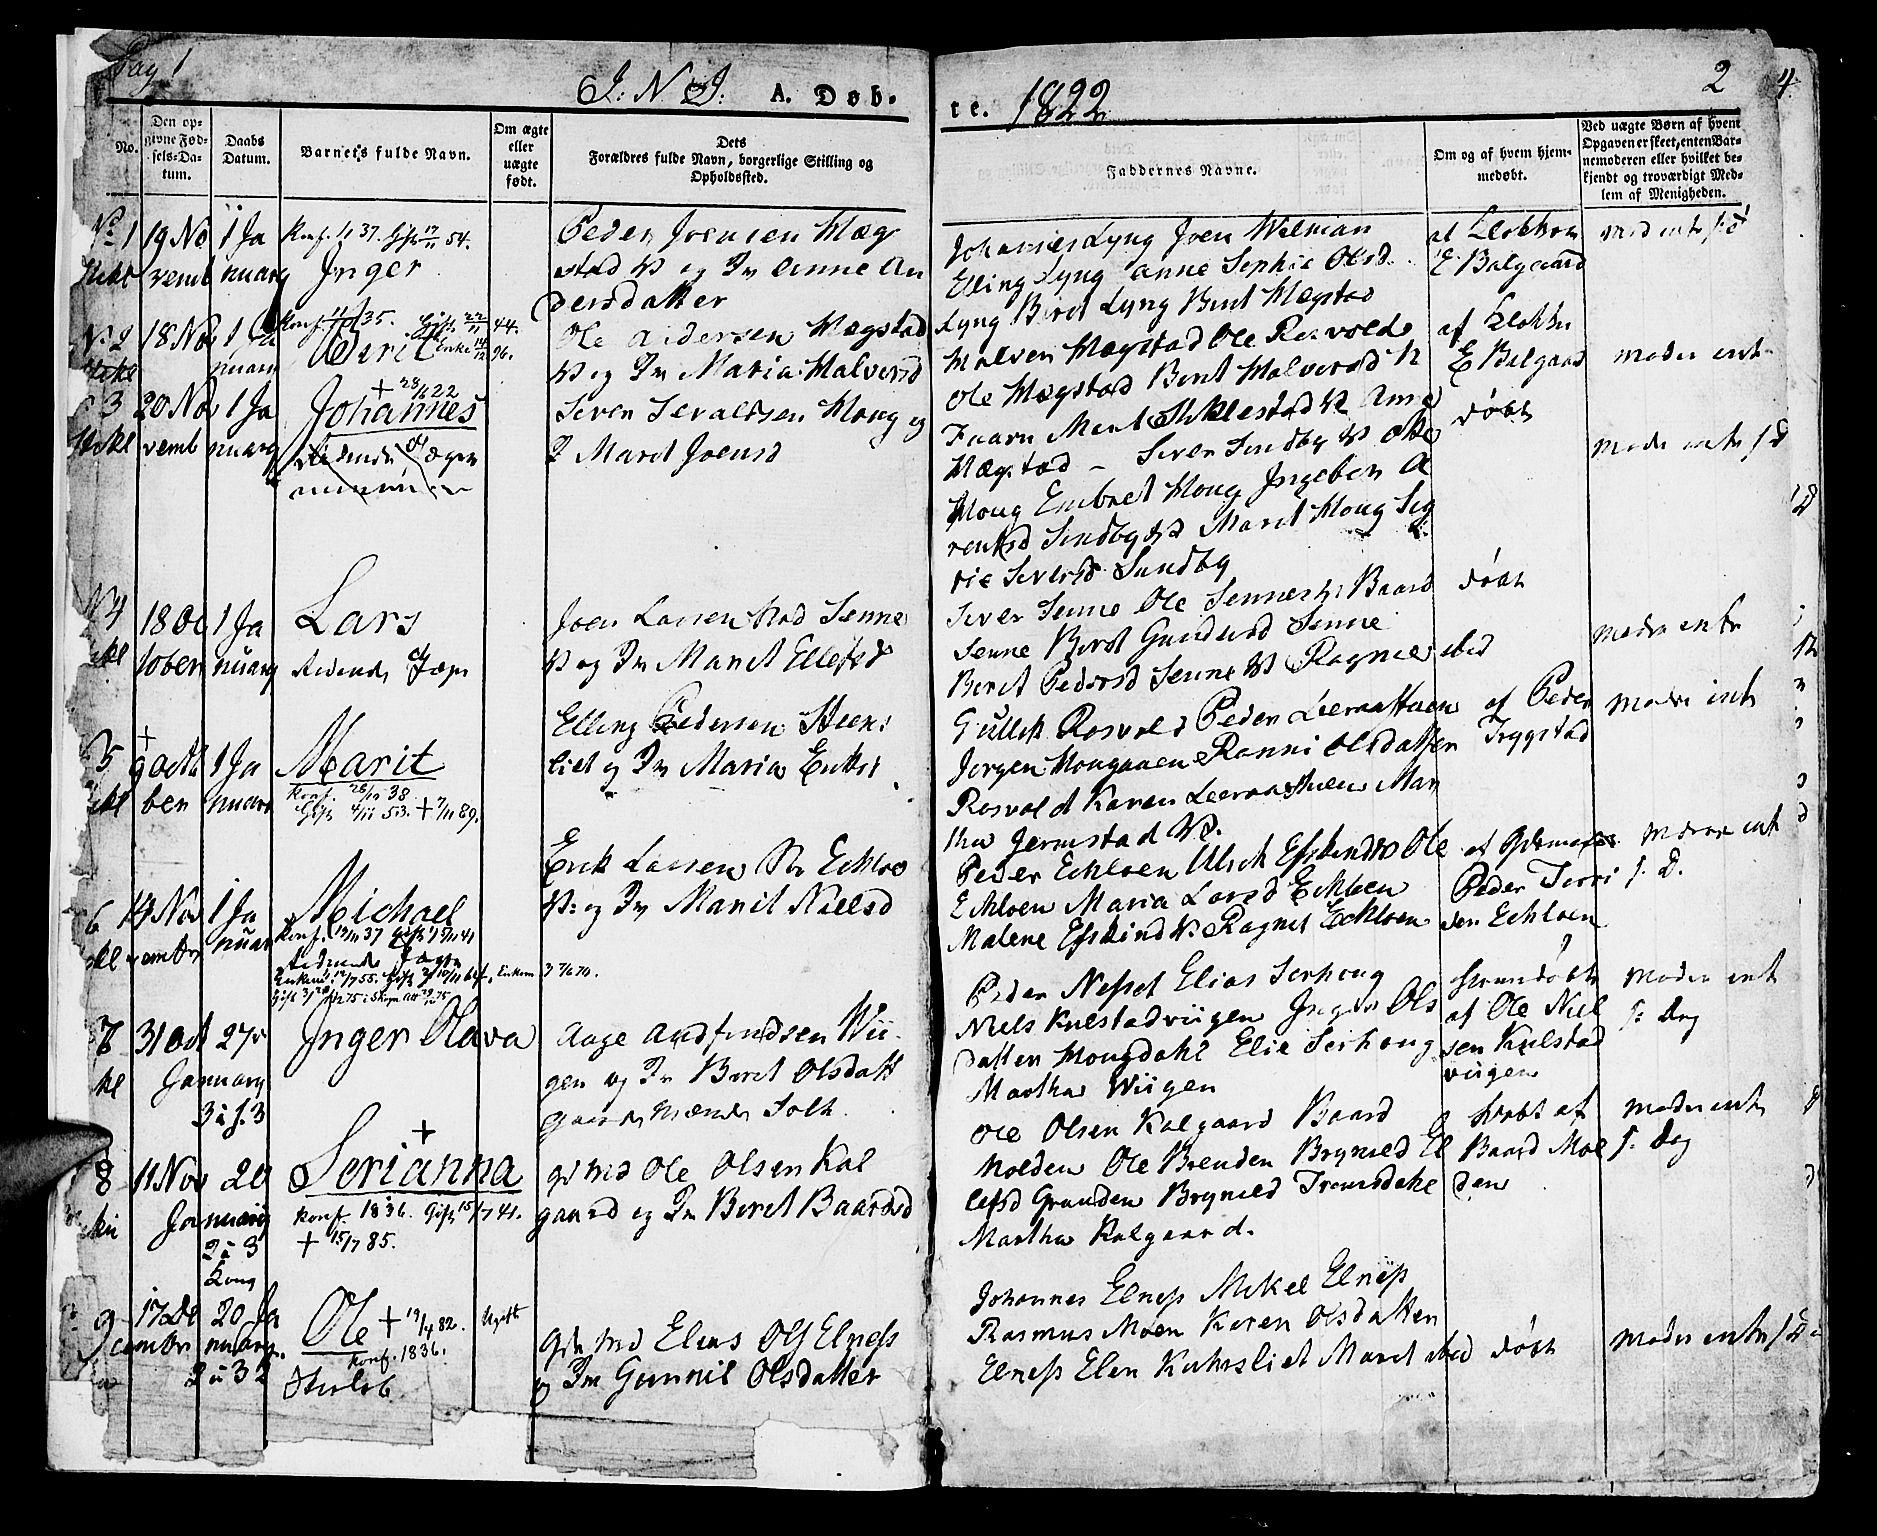 SAT, Ministerialprotokoller, klokkerbøker og fødselsregistre - Nord-Trøndelag, 723/L0237: Ministerialbok nr. 723A06, 1822-1830, s. 1-2